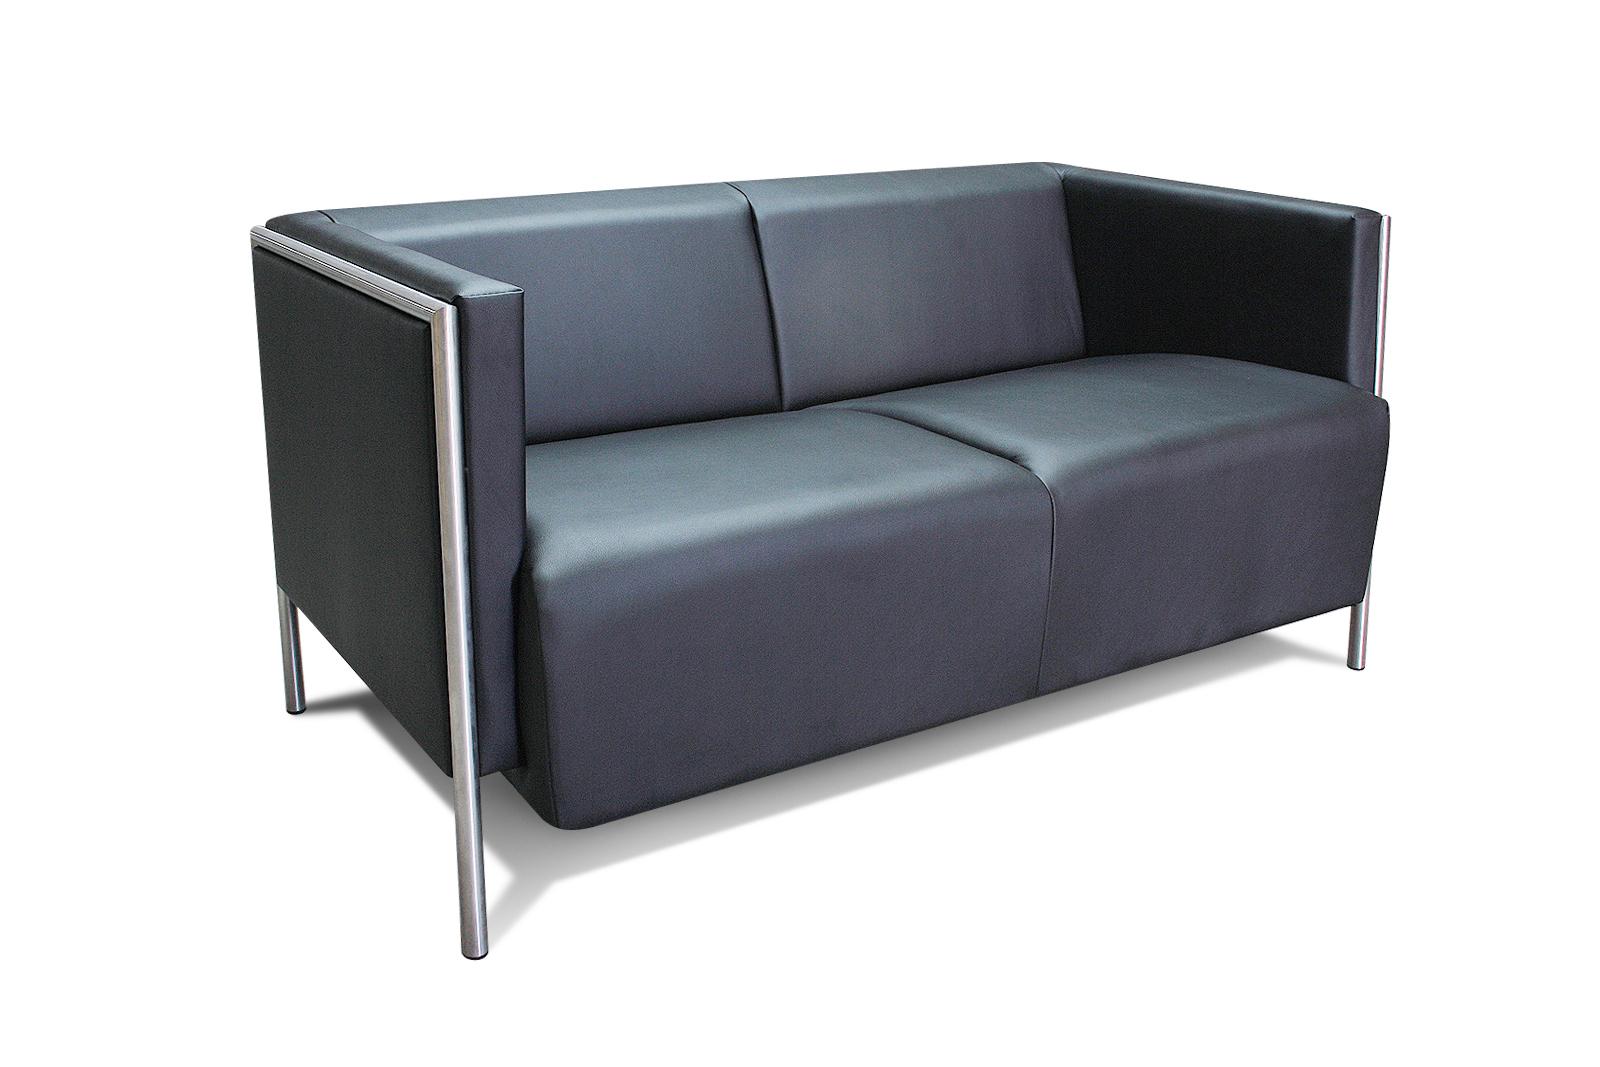 holi europe premium gartentisch gartenm bel h lle abdeckung schutzh lle haube abdeckplane. Black Bedroom Furniture Sets. Home Design Ideas